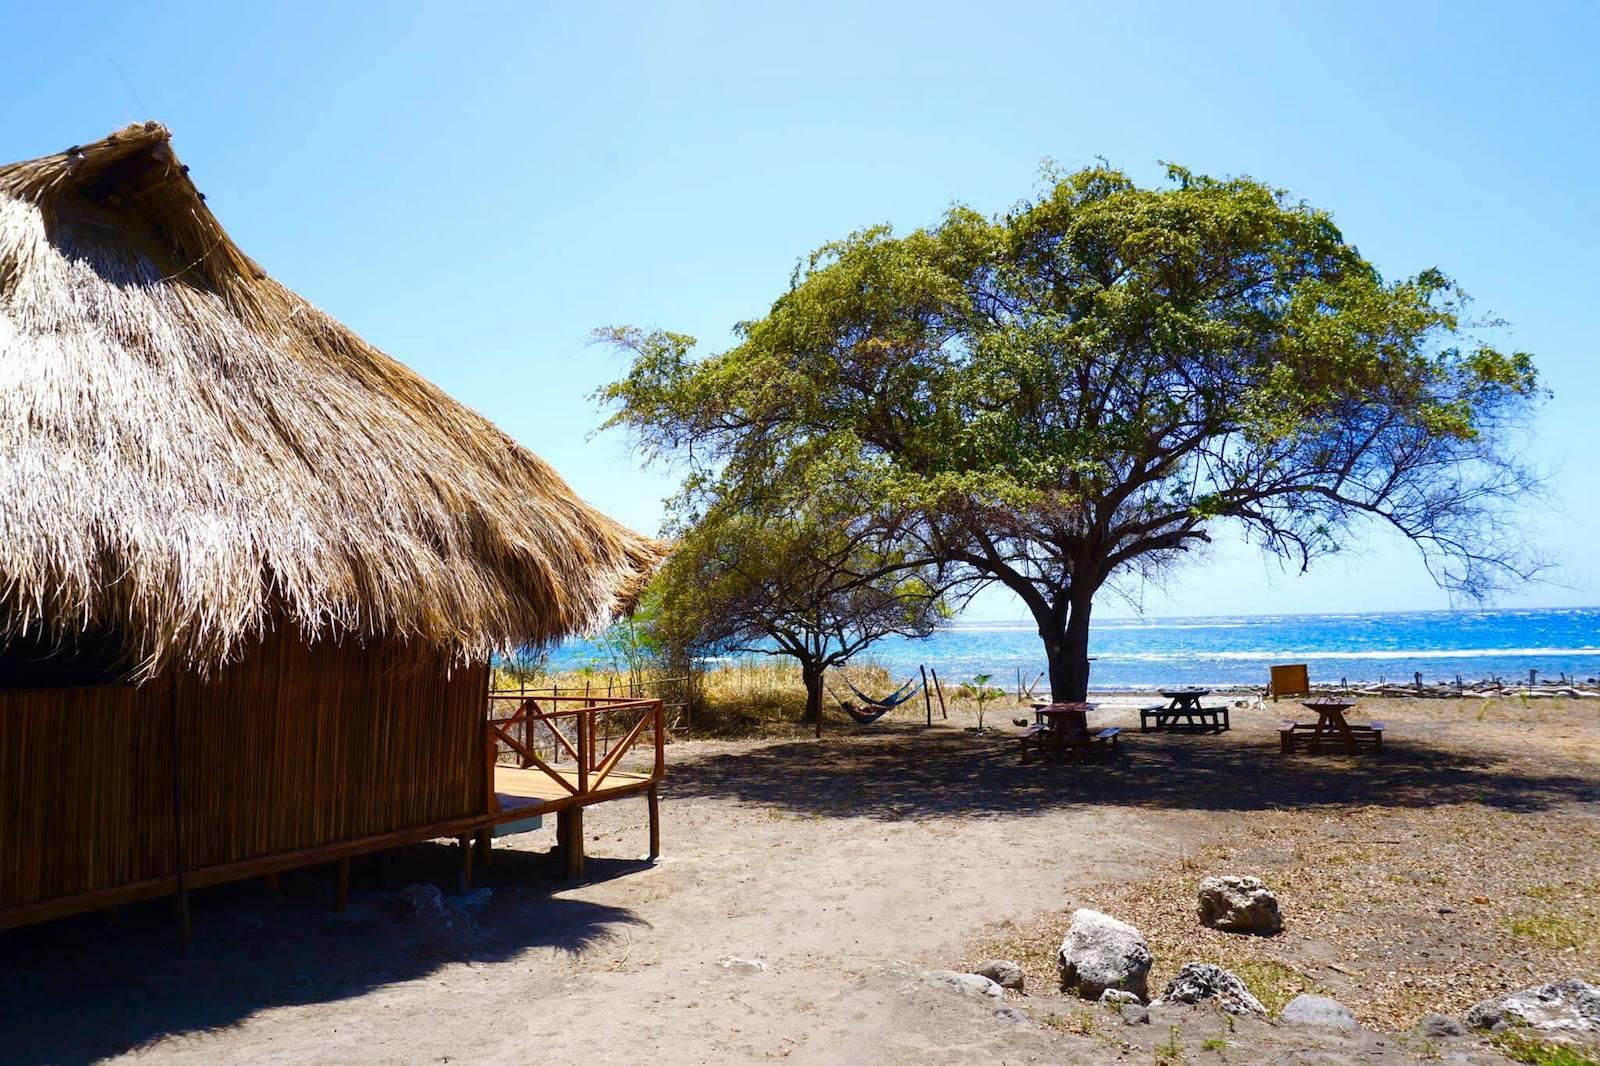 En la foto, nuestro bungalow en Atauro Dive Resort, en la isla de Atauro